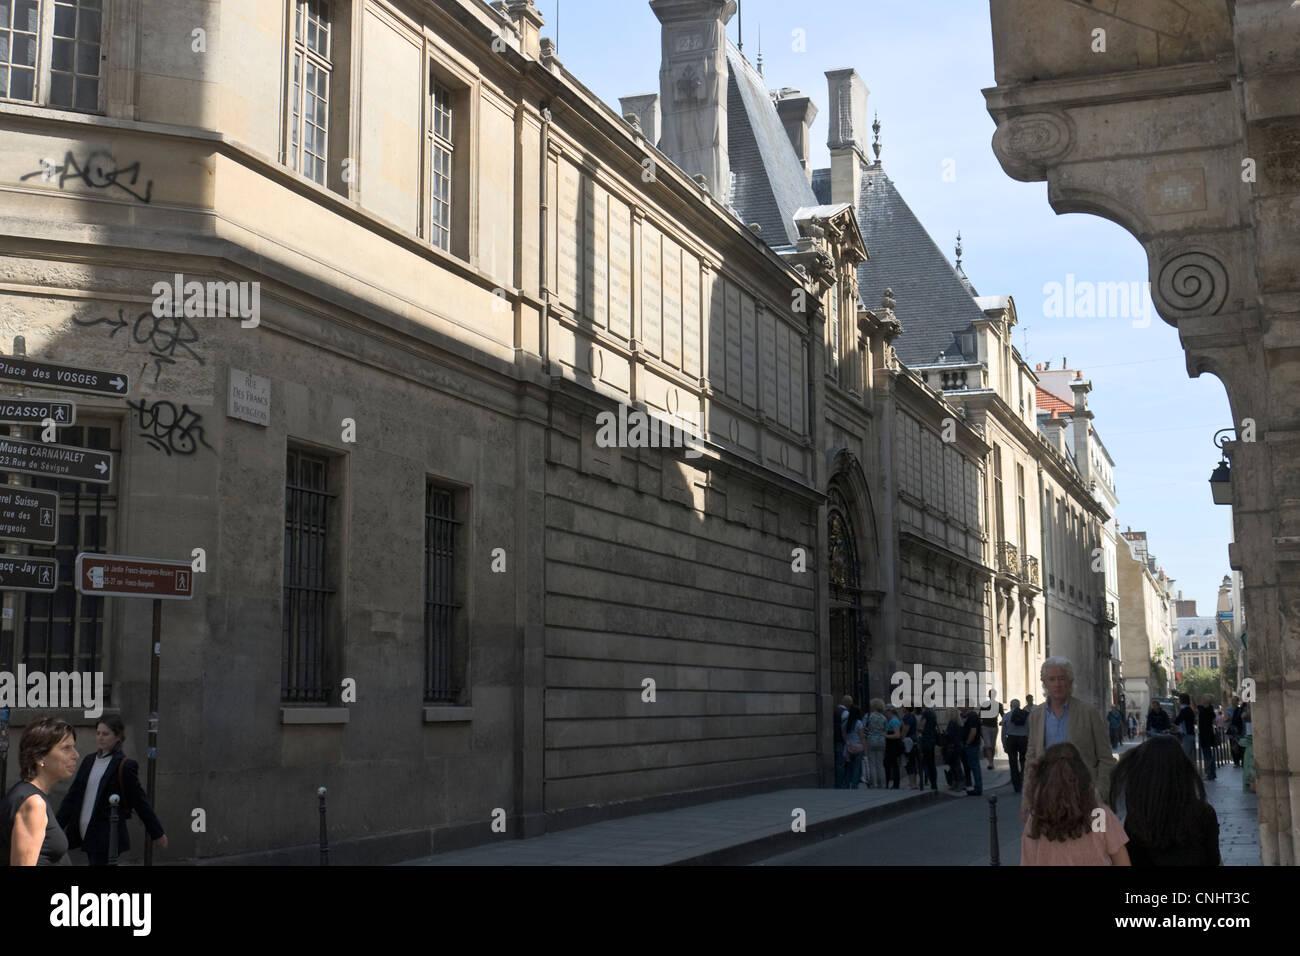 Hôtel Carnavalet - Stock Image